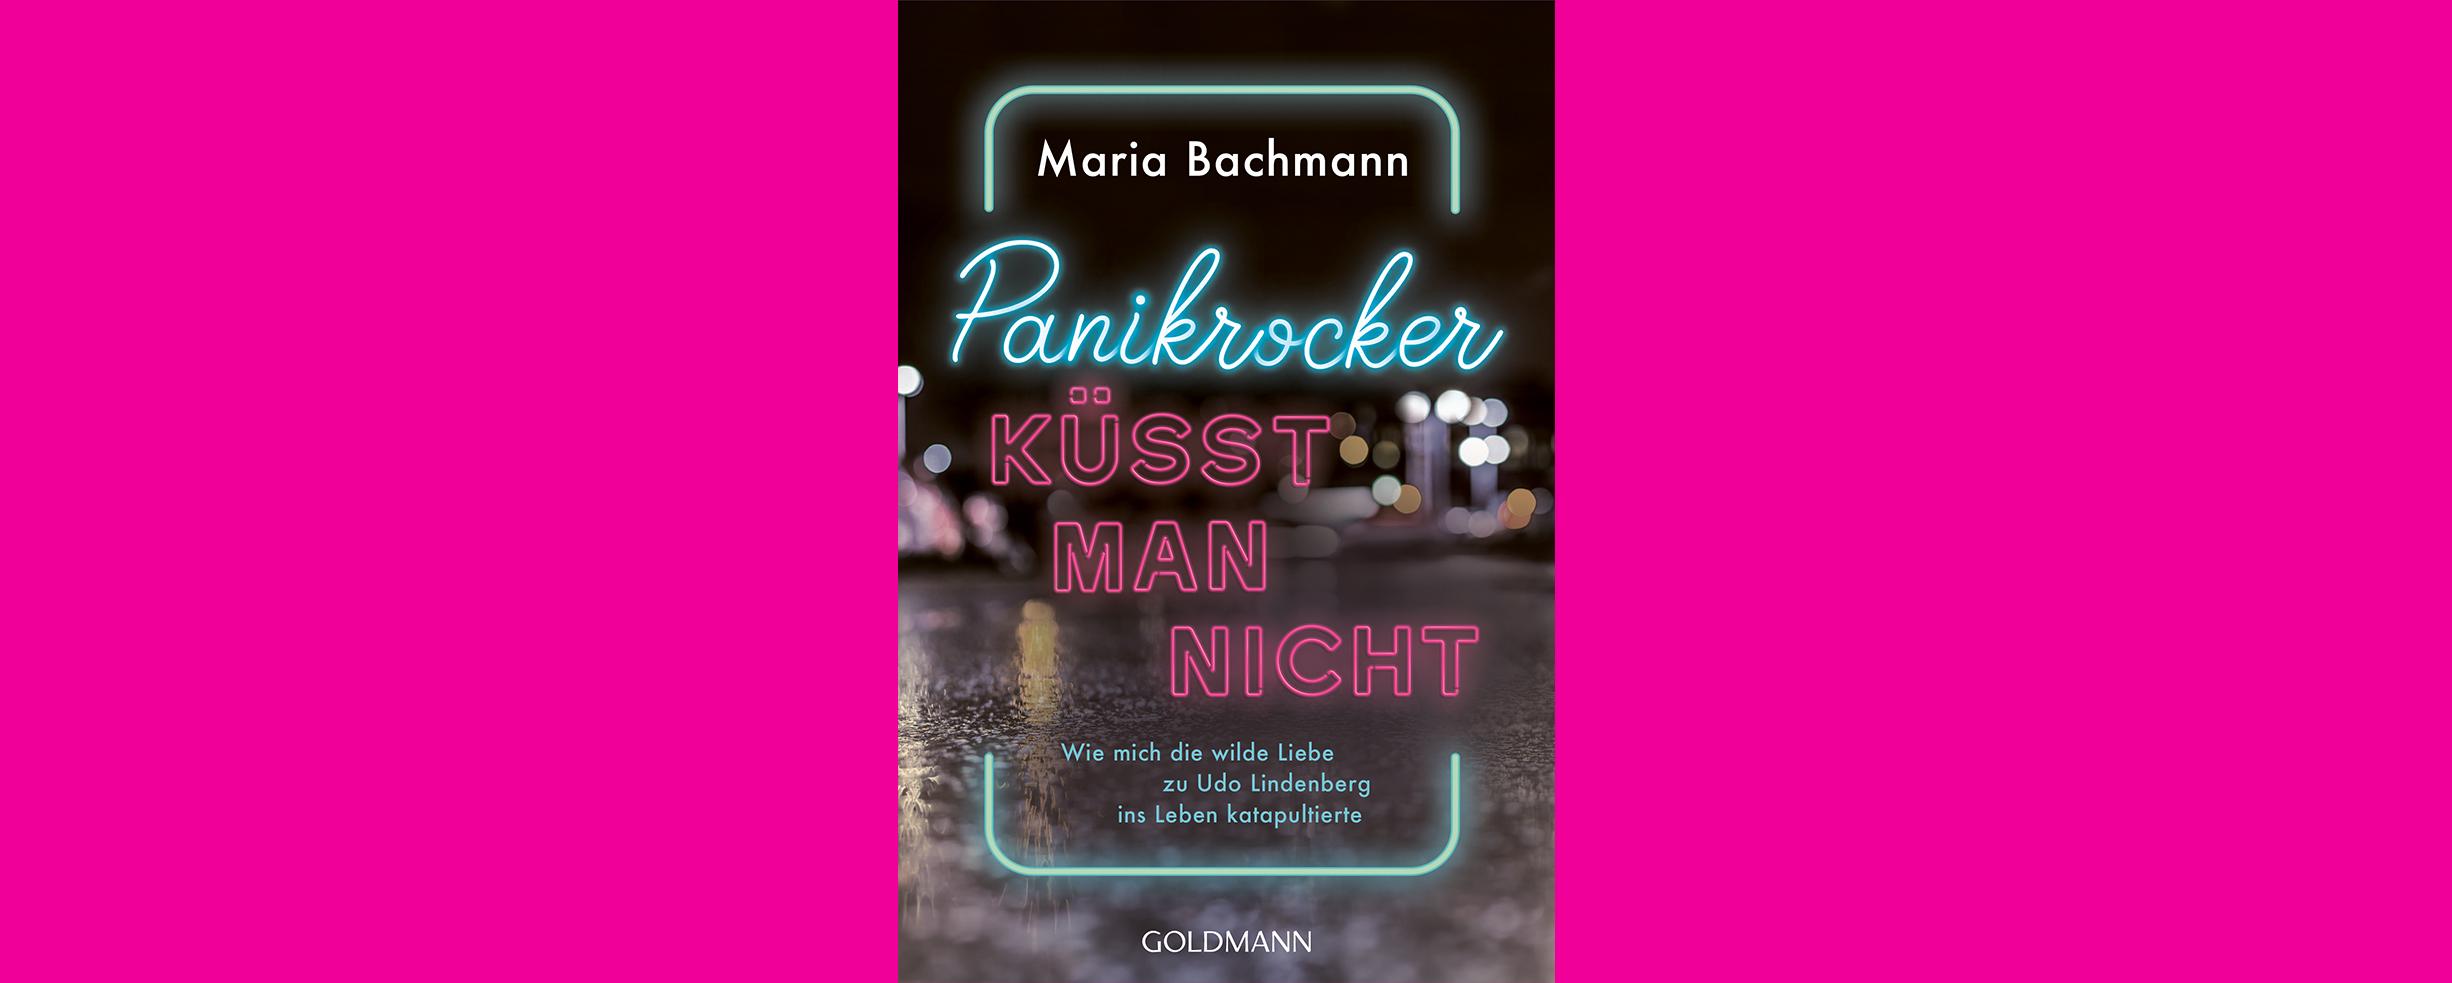 Maria Bachmann Panikrocker